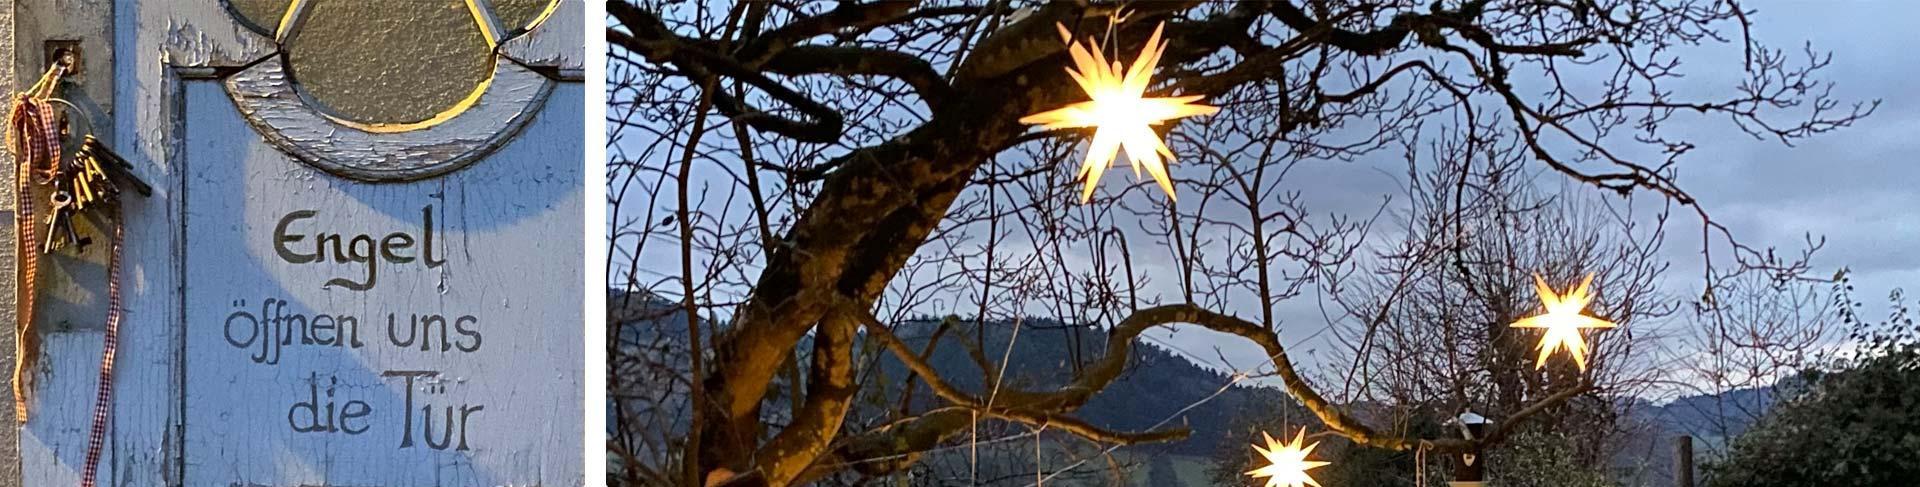 Garten mit leuchtenden Sternen am Baum